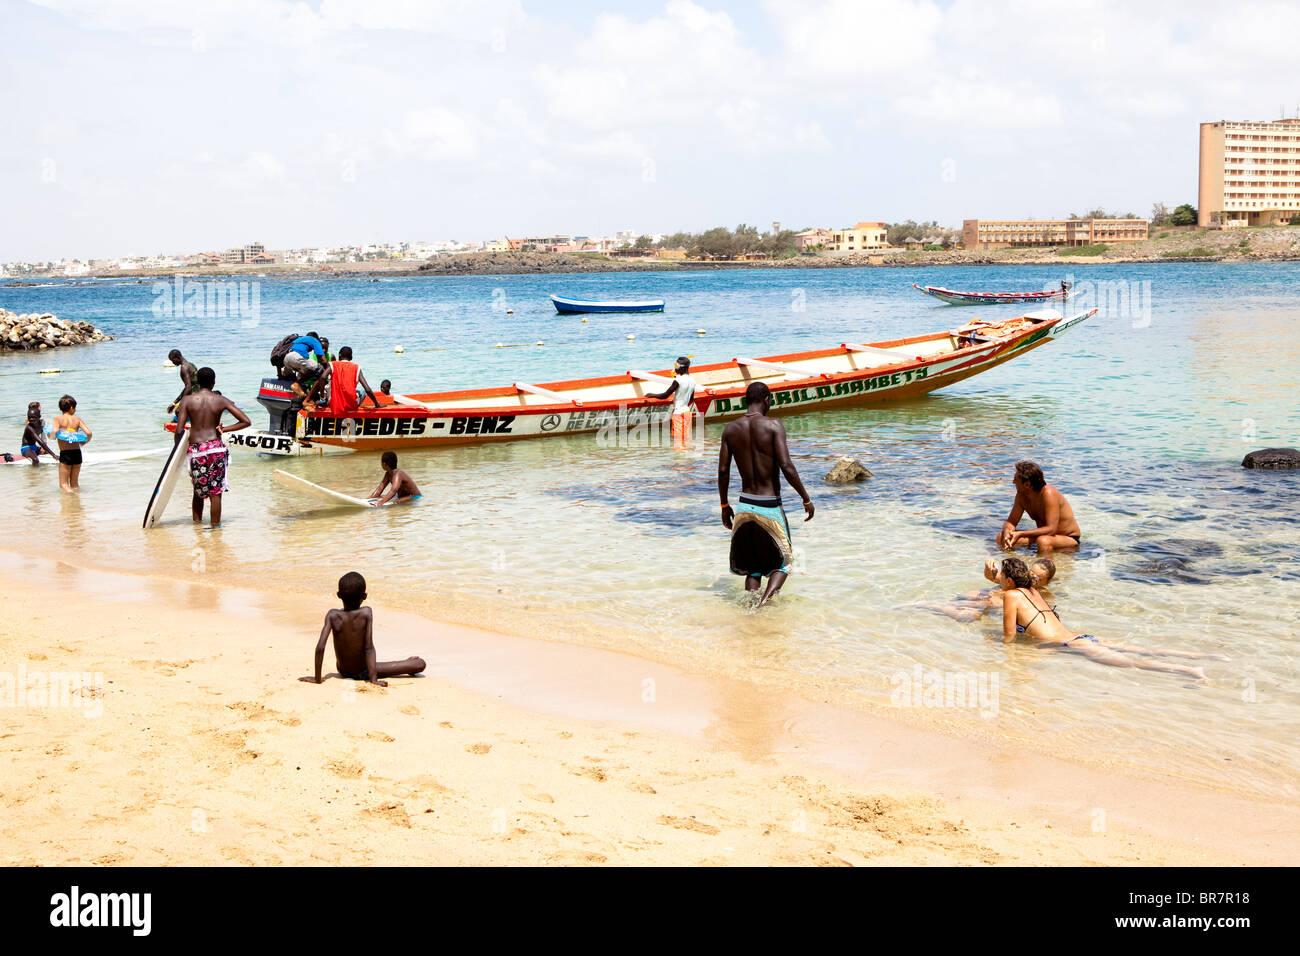 Ngor Island Hotel